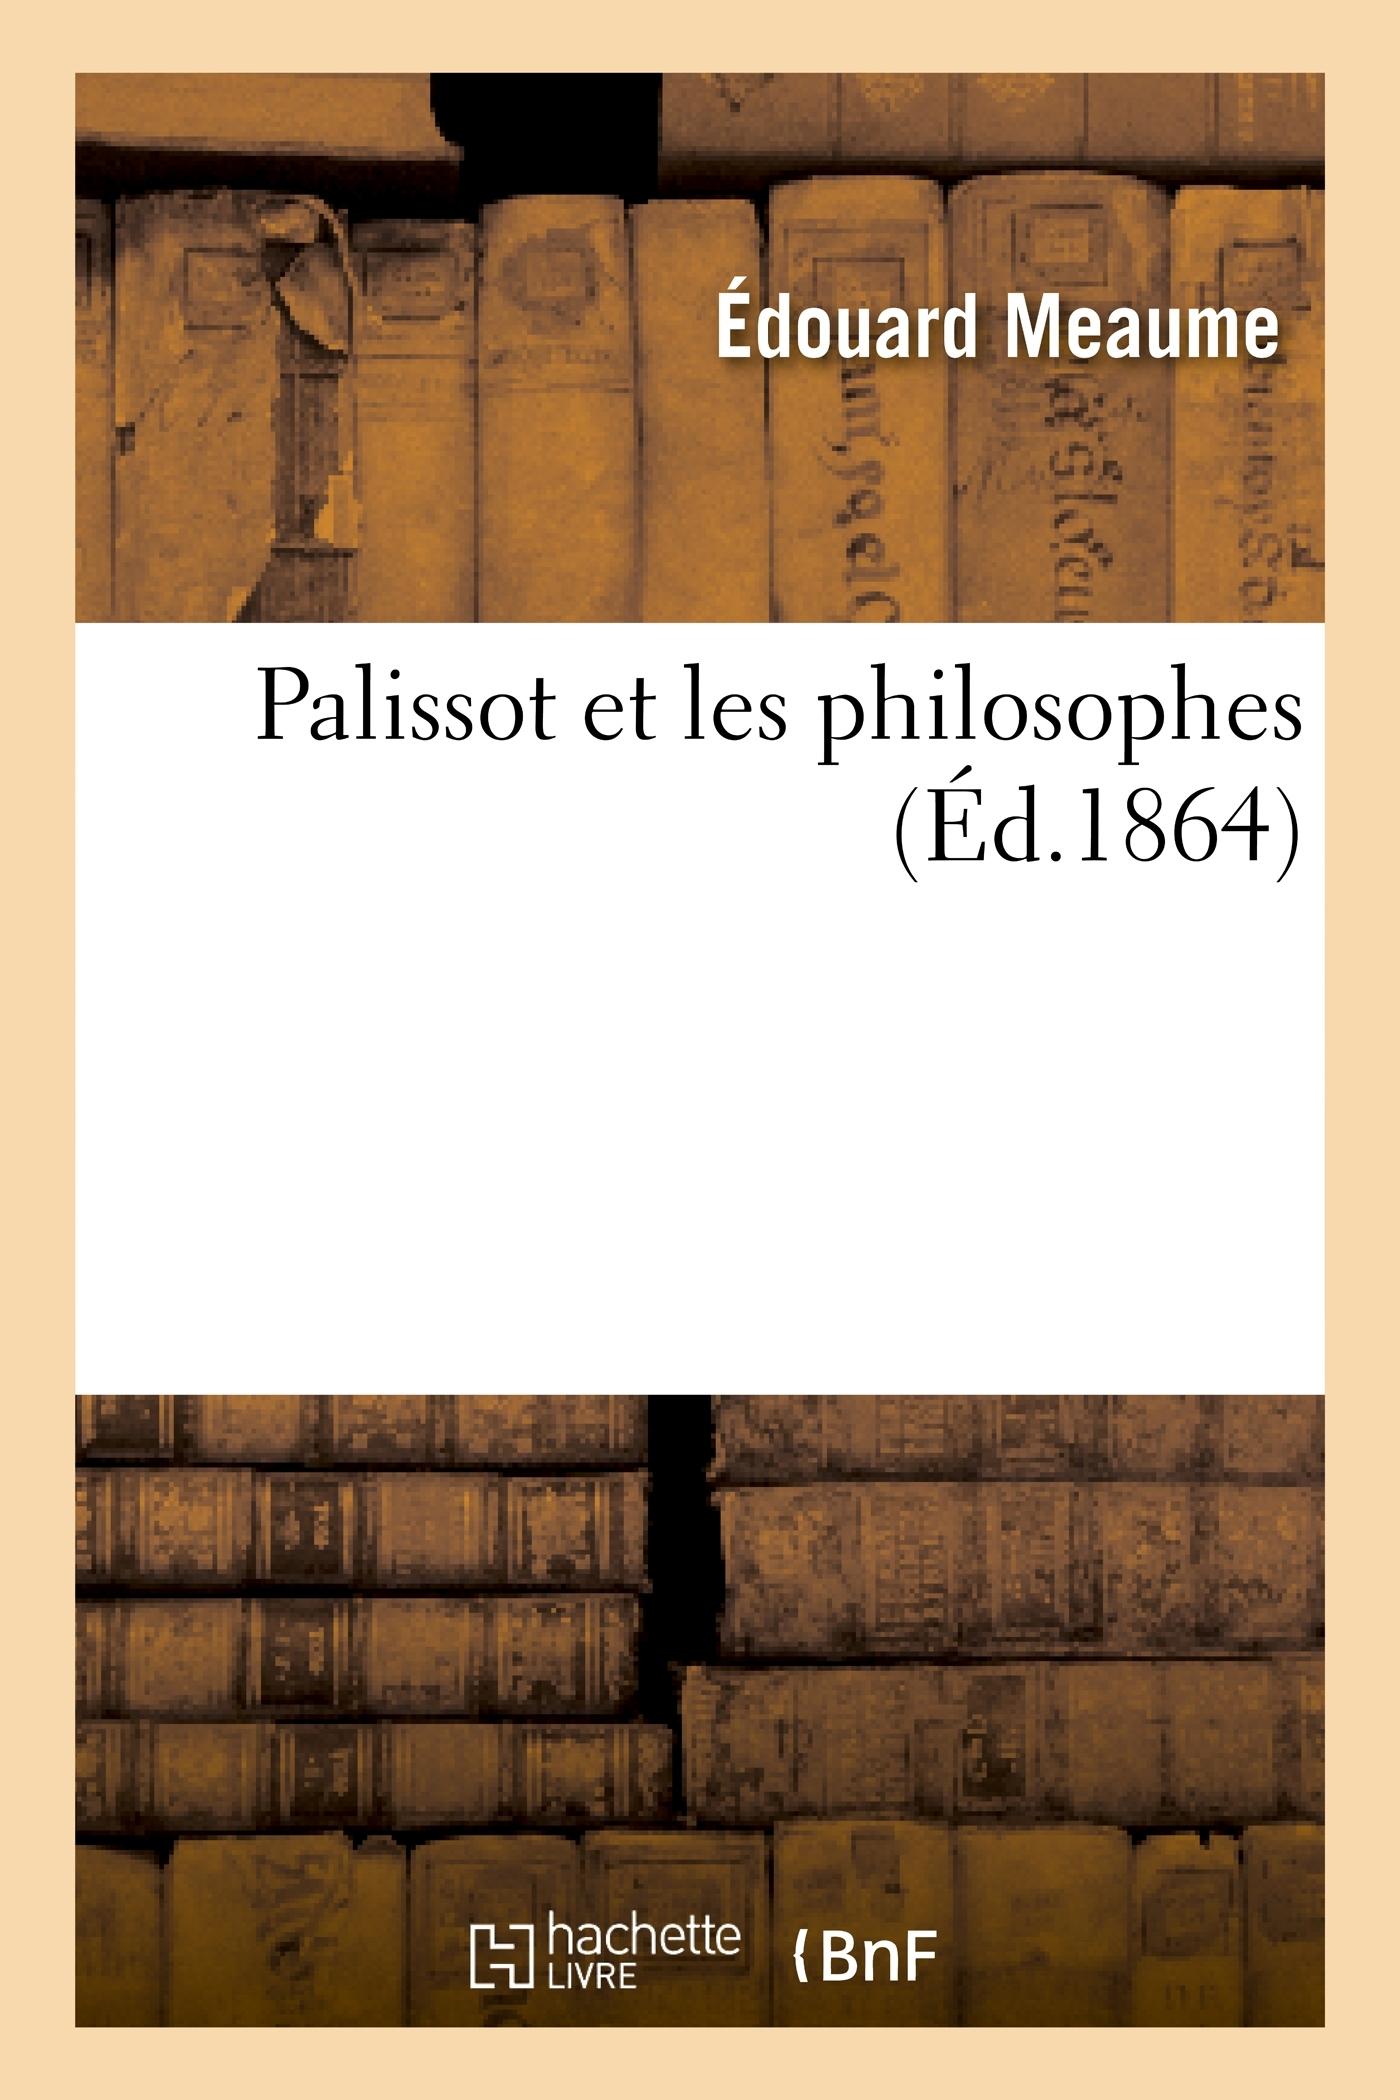 PALISSOT ET LES PHILOSOPHES